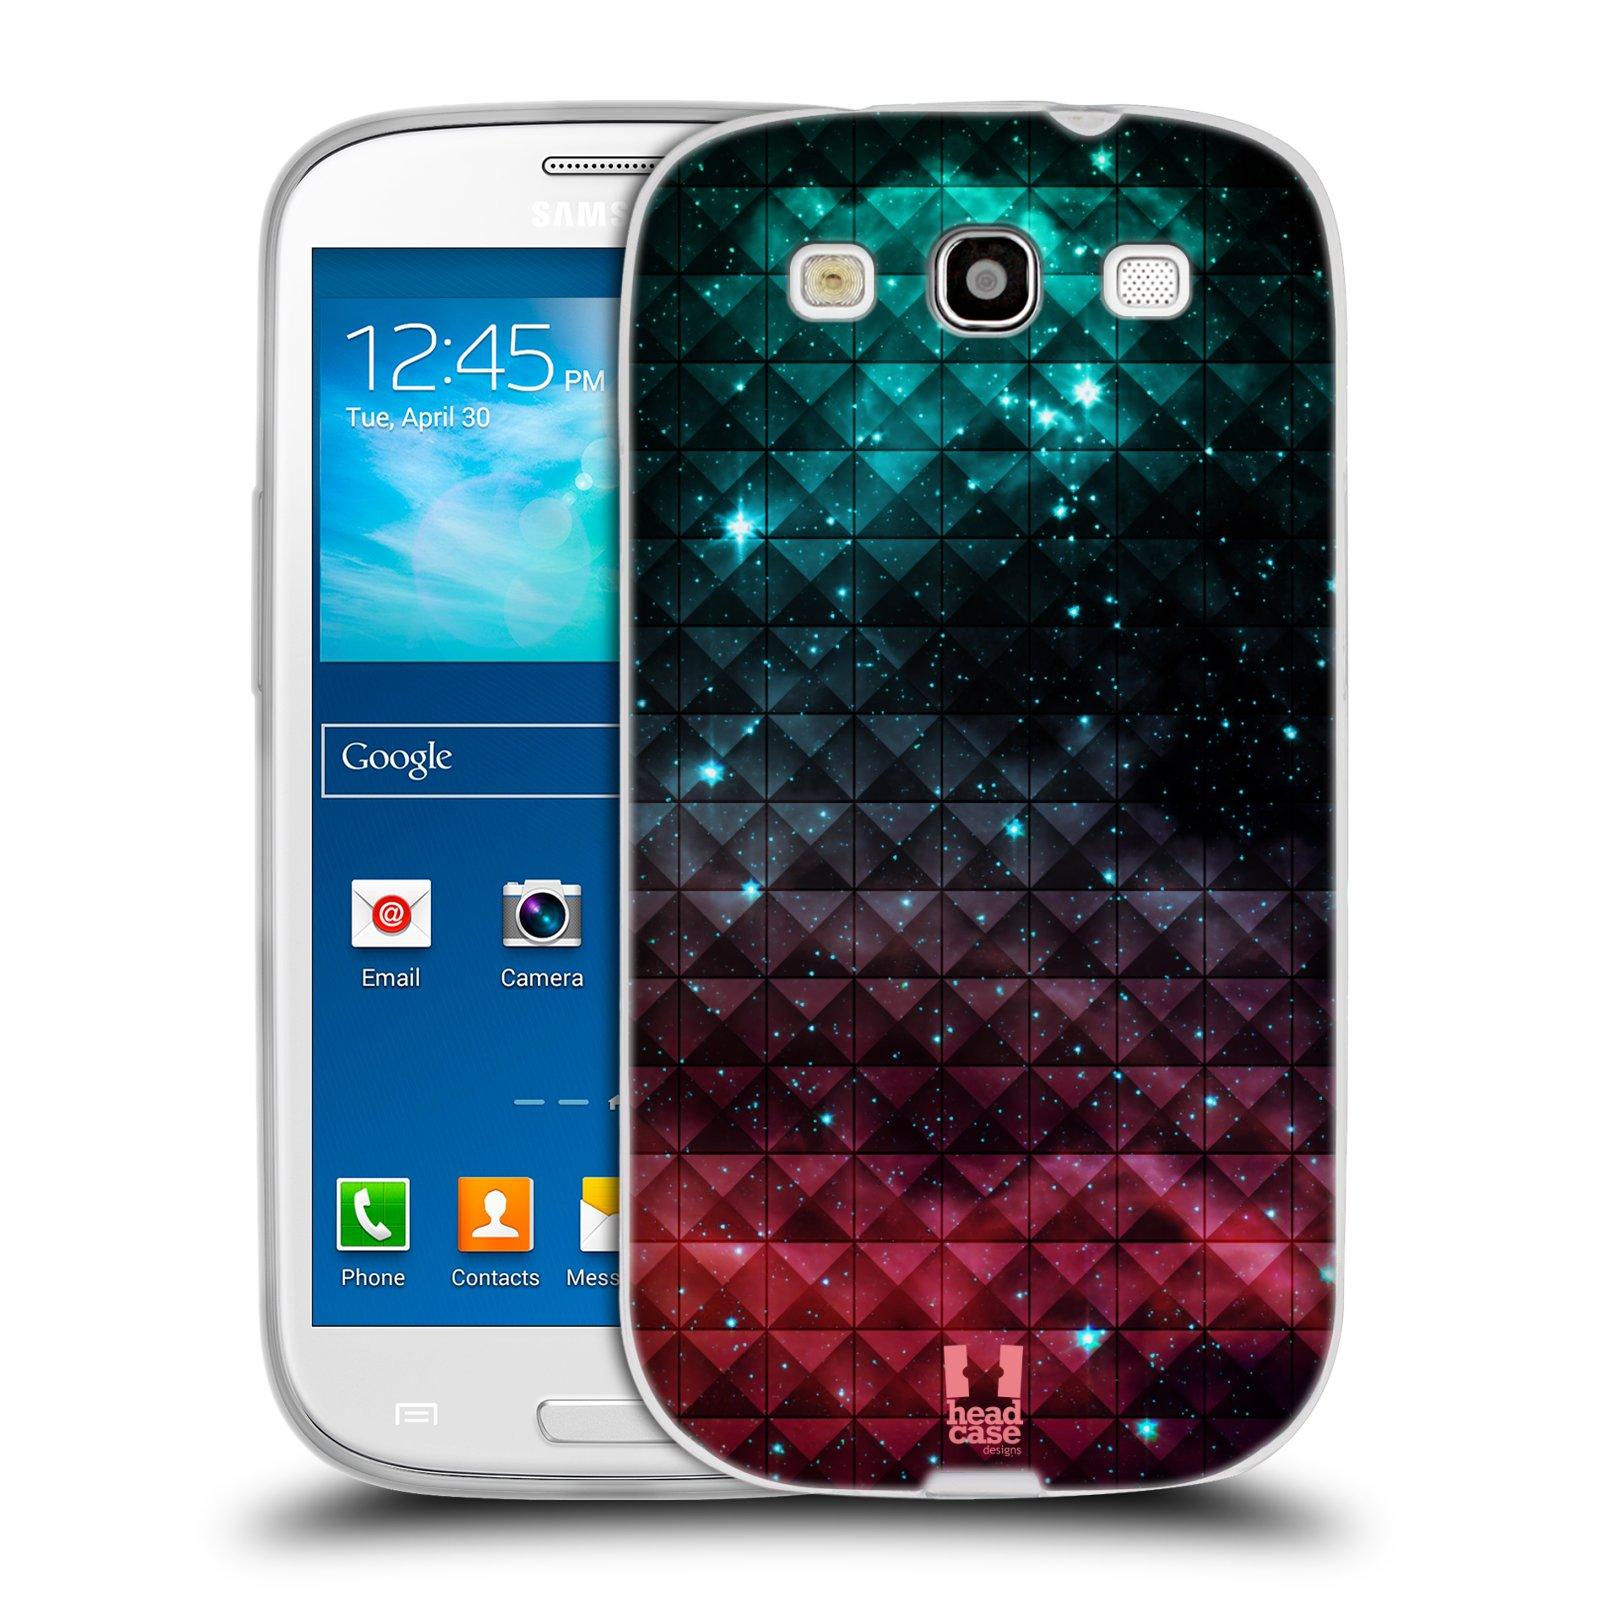 Silikonové pouzdro na mobil Samsung Galaxy S3 Neo HEAD CASE OMBRE SPARKLE (Silikonový kryt či obal na mobilní telefon Samsung Galaxy S3 Neo GT-i9301i)